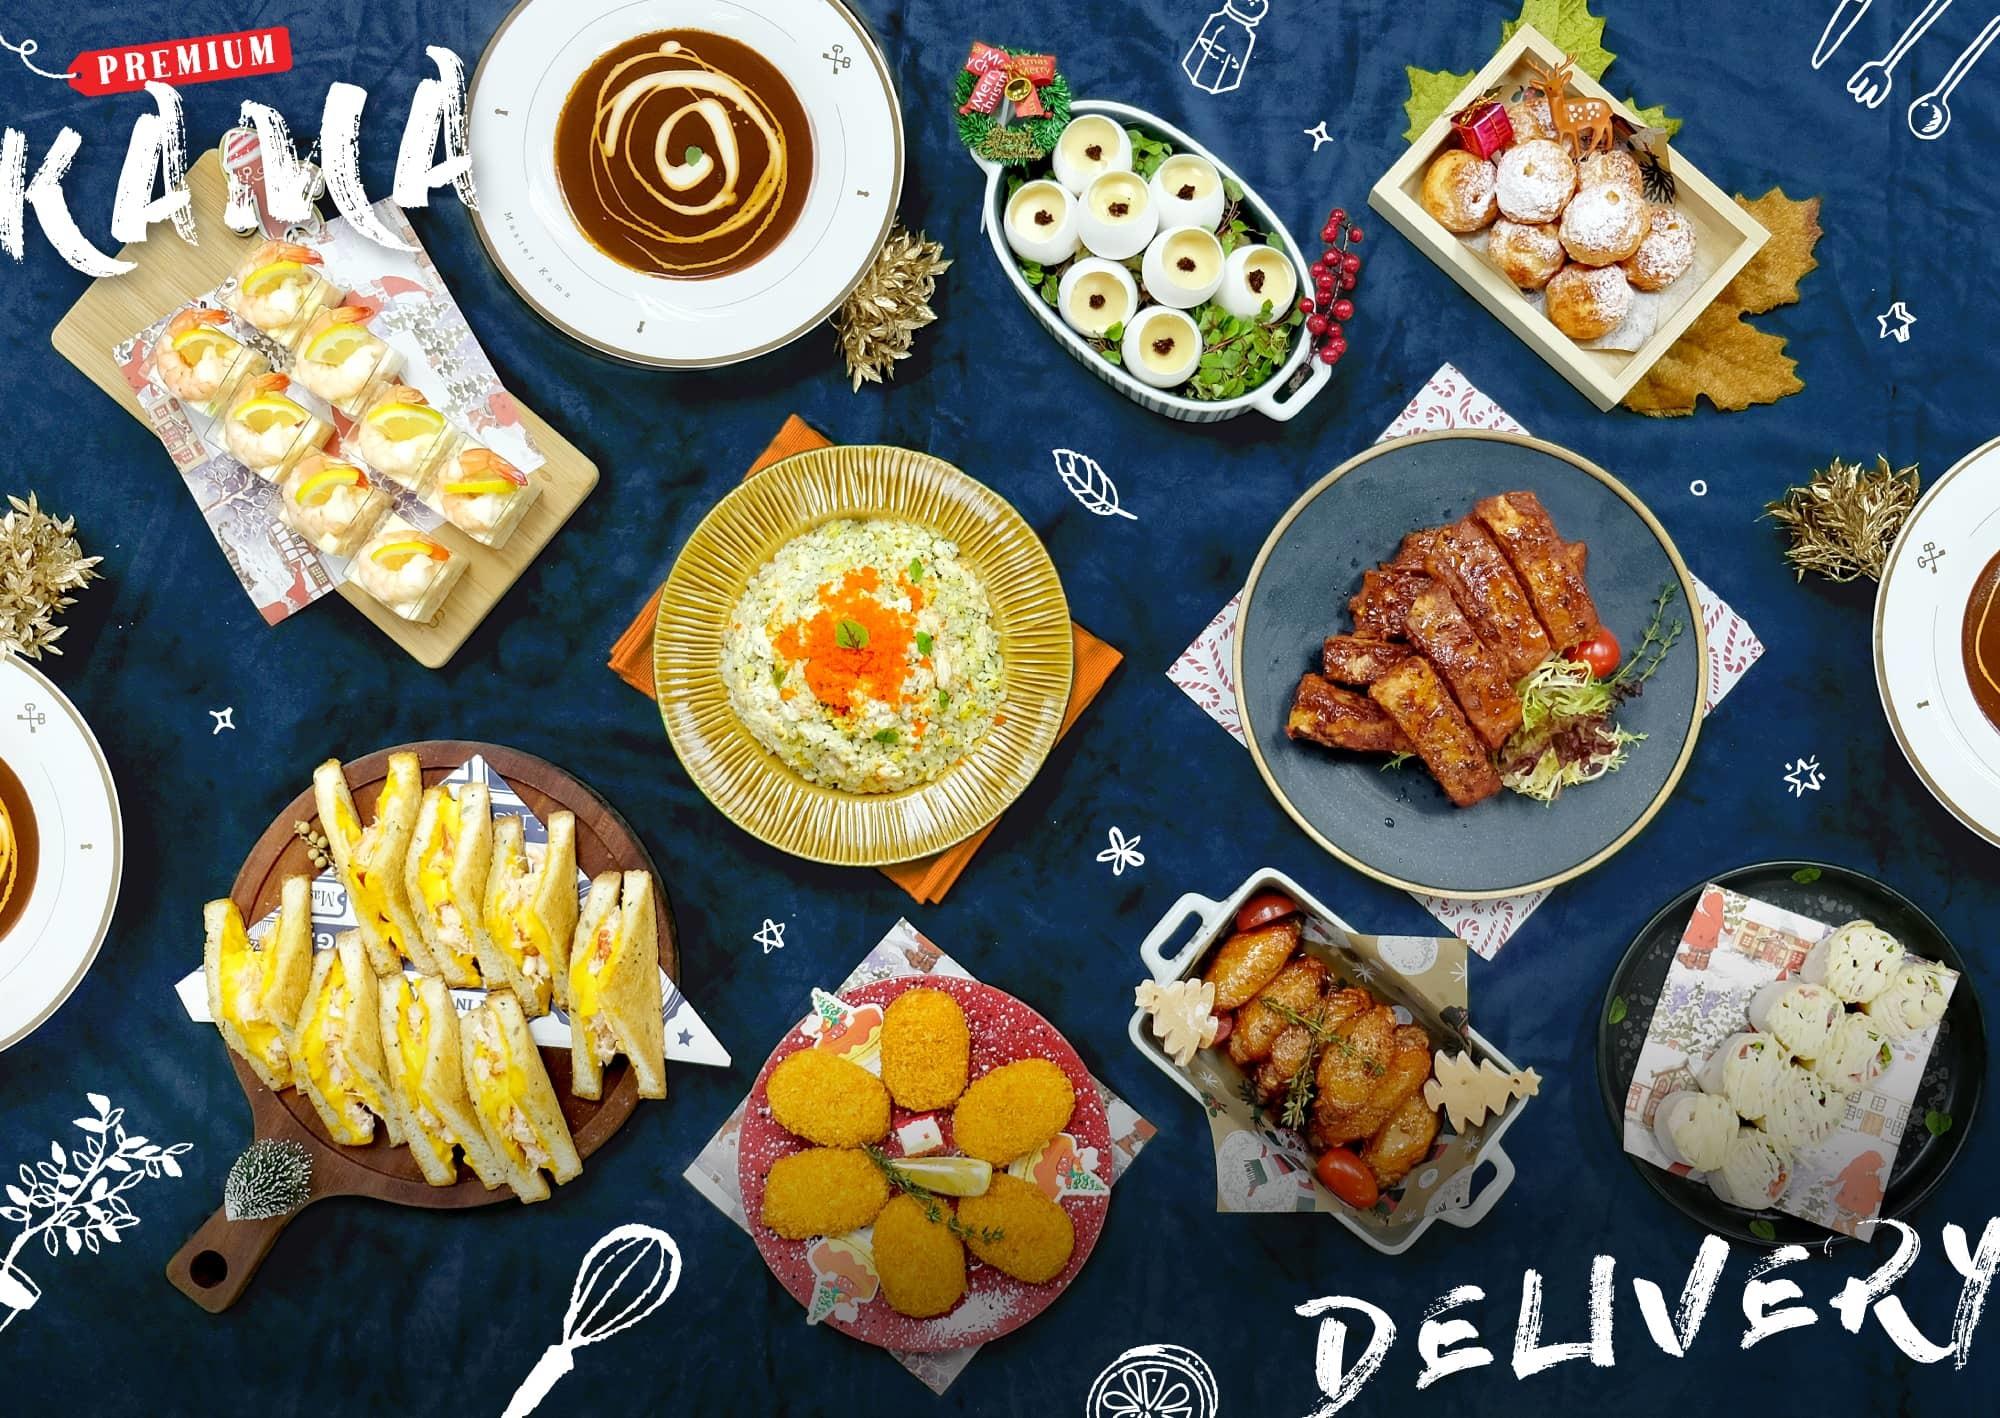 45人外賣套餐訂製|Kama Delivery大型外送到會Menu|精緻自訂人數餐盒|專享全港免運費